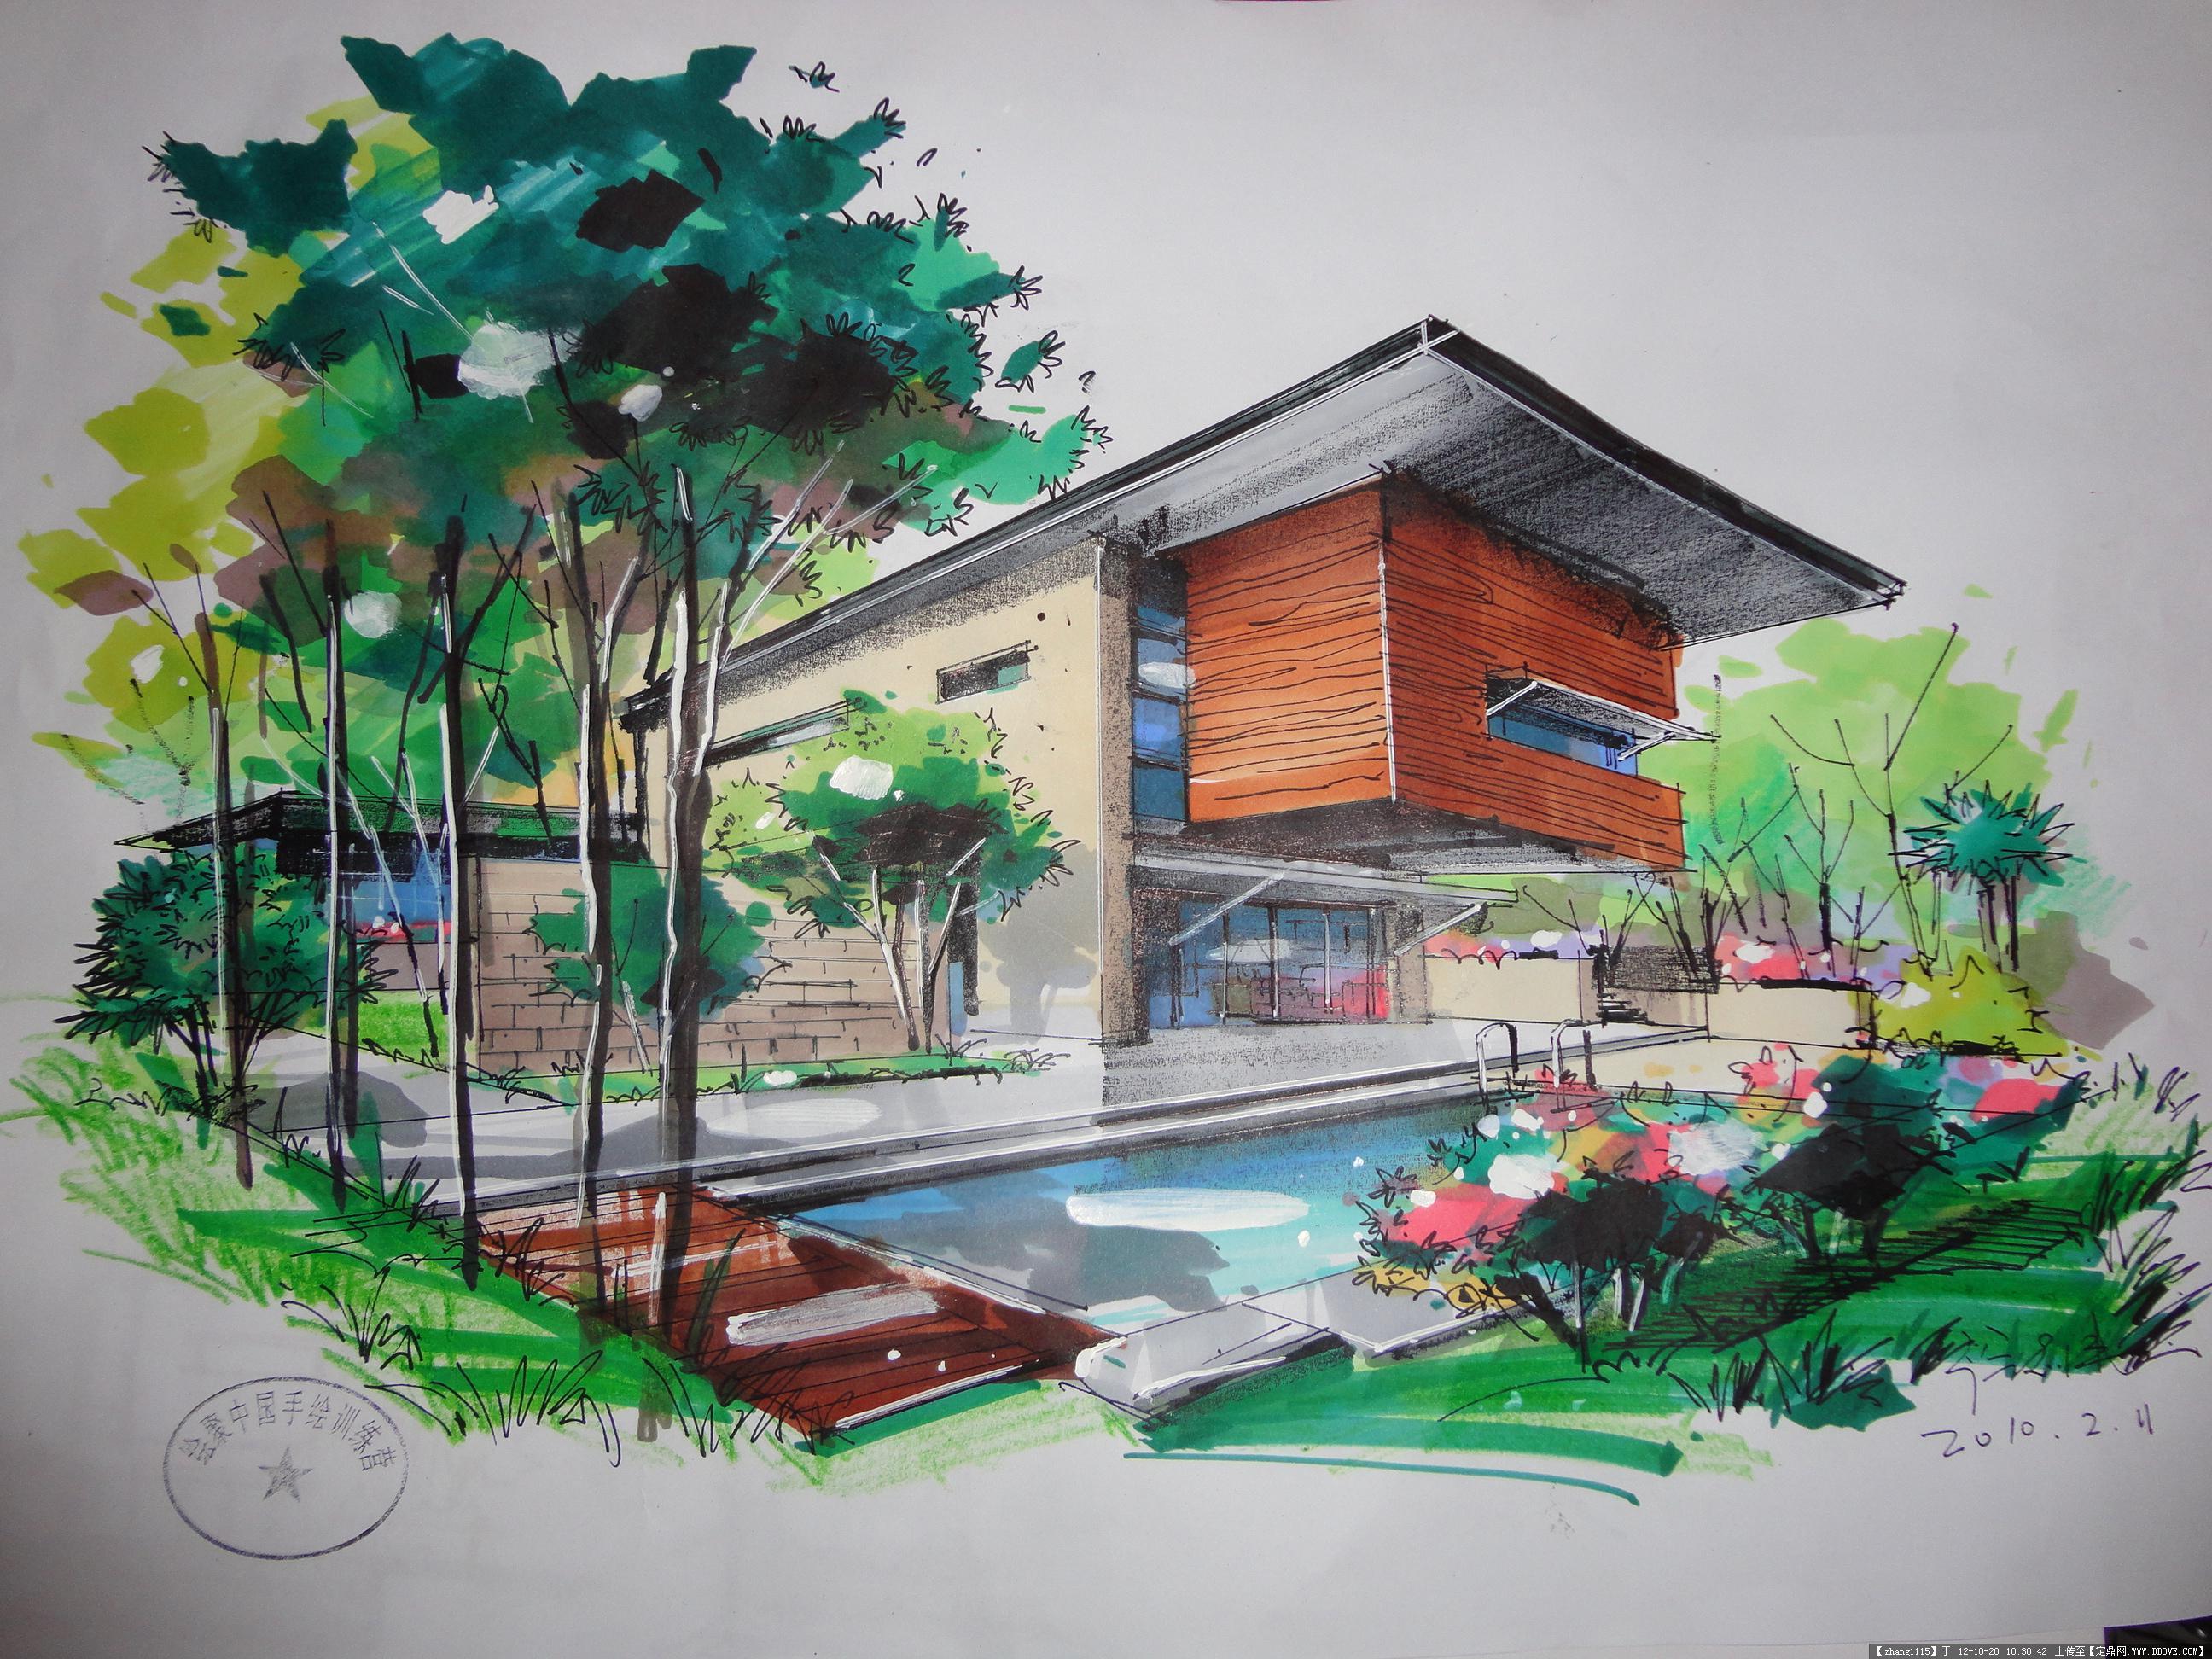 马克笔表现效果图的图片浏览,建筑效果图,手绘建筑图